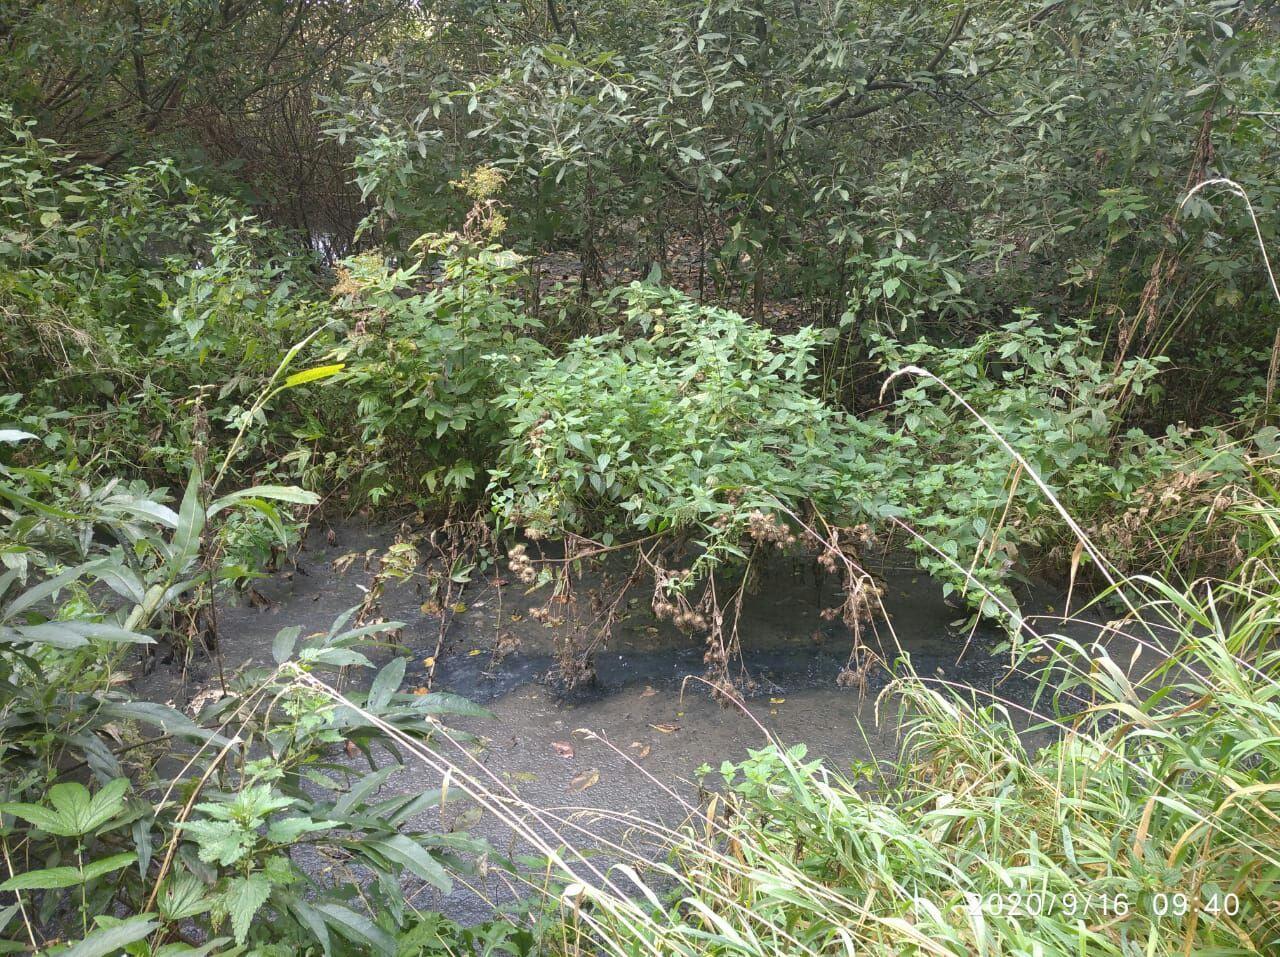 После сообщения в соцсетях власти инициировали расследование об утечке канализационных стоков в Константиновском